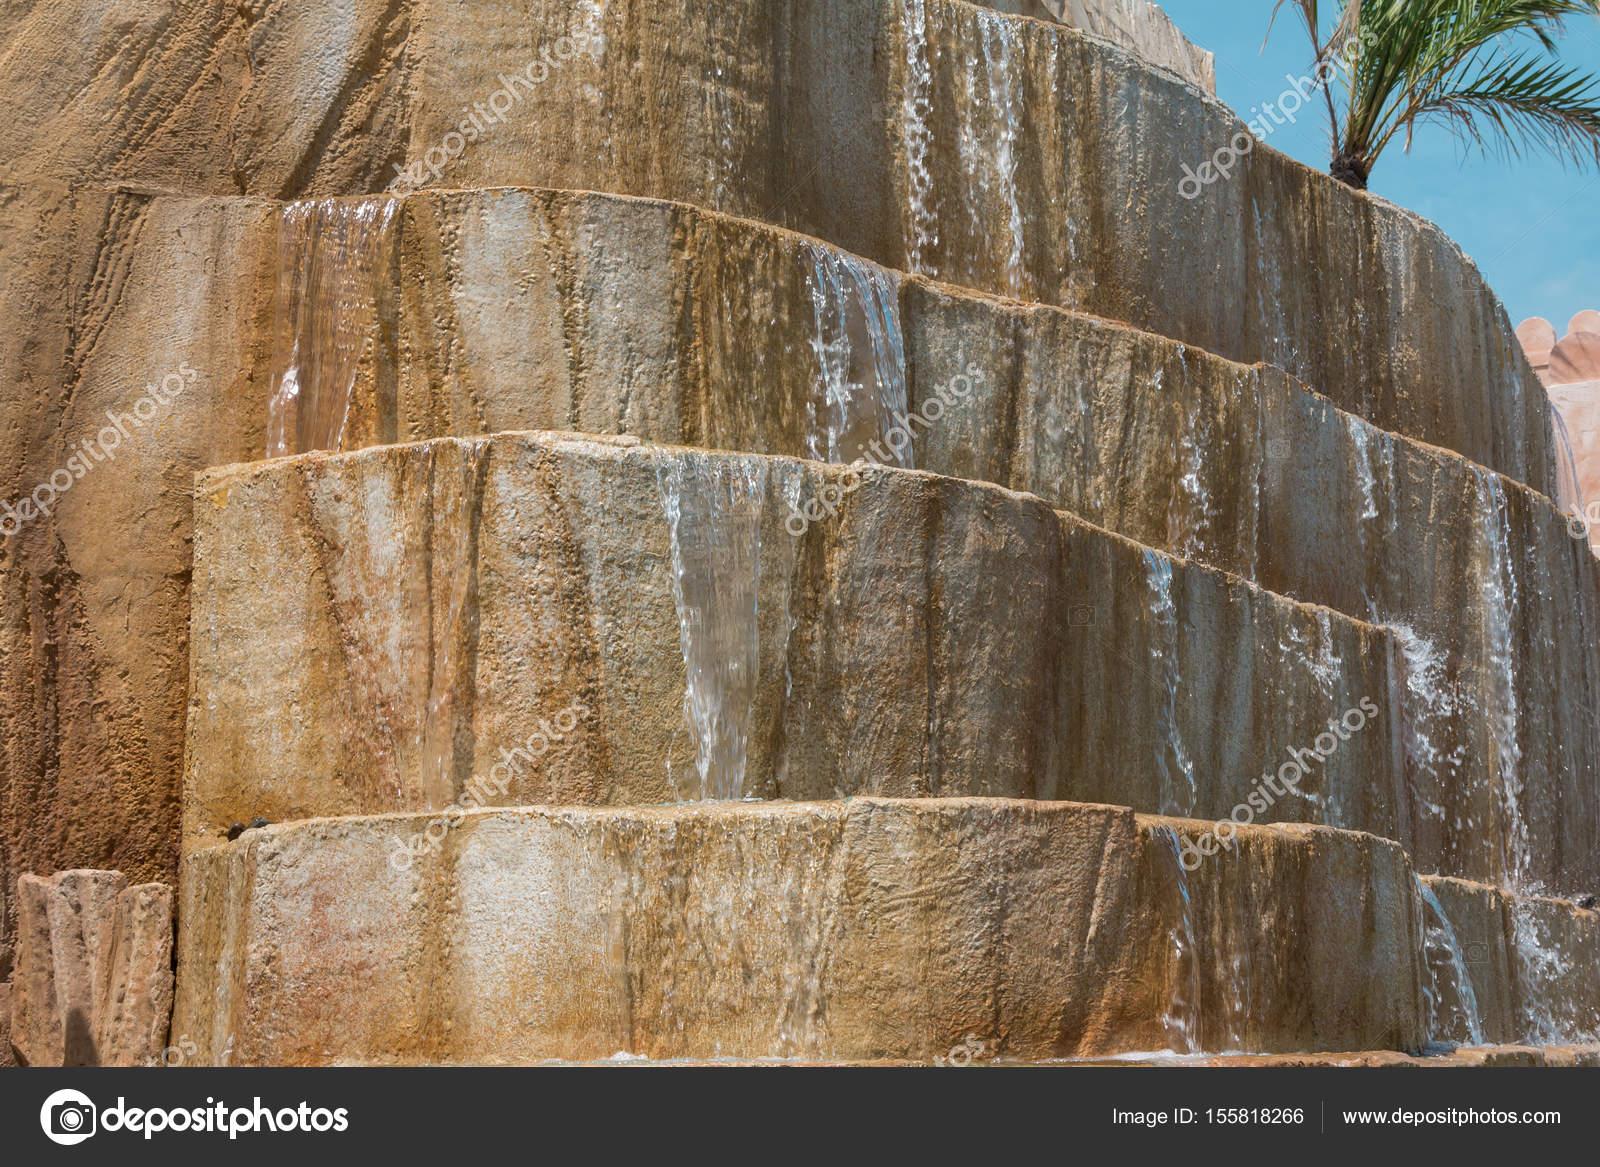 Pareti Con Cascate Dacqua : Parete rocciosa è costituita da passi con cascate d acqua u foto